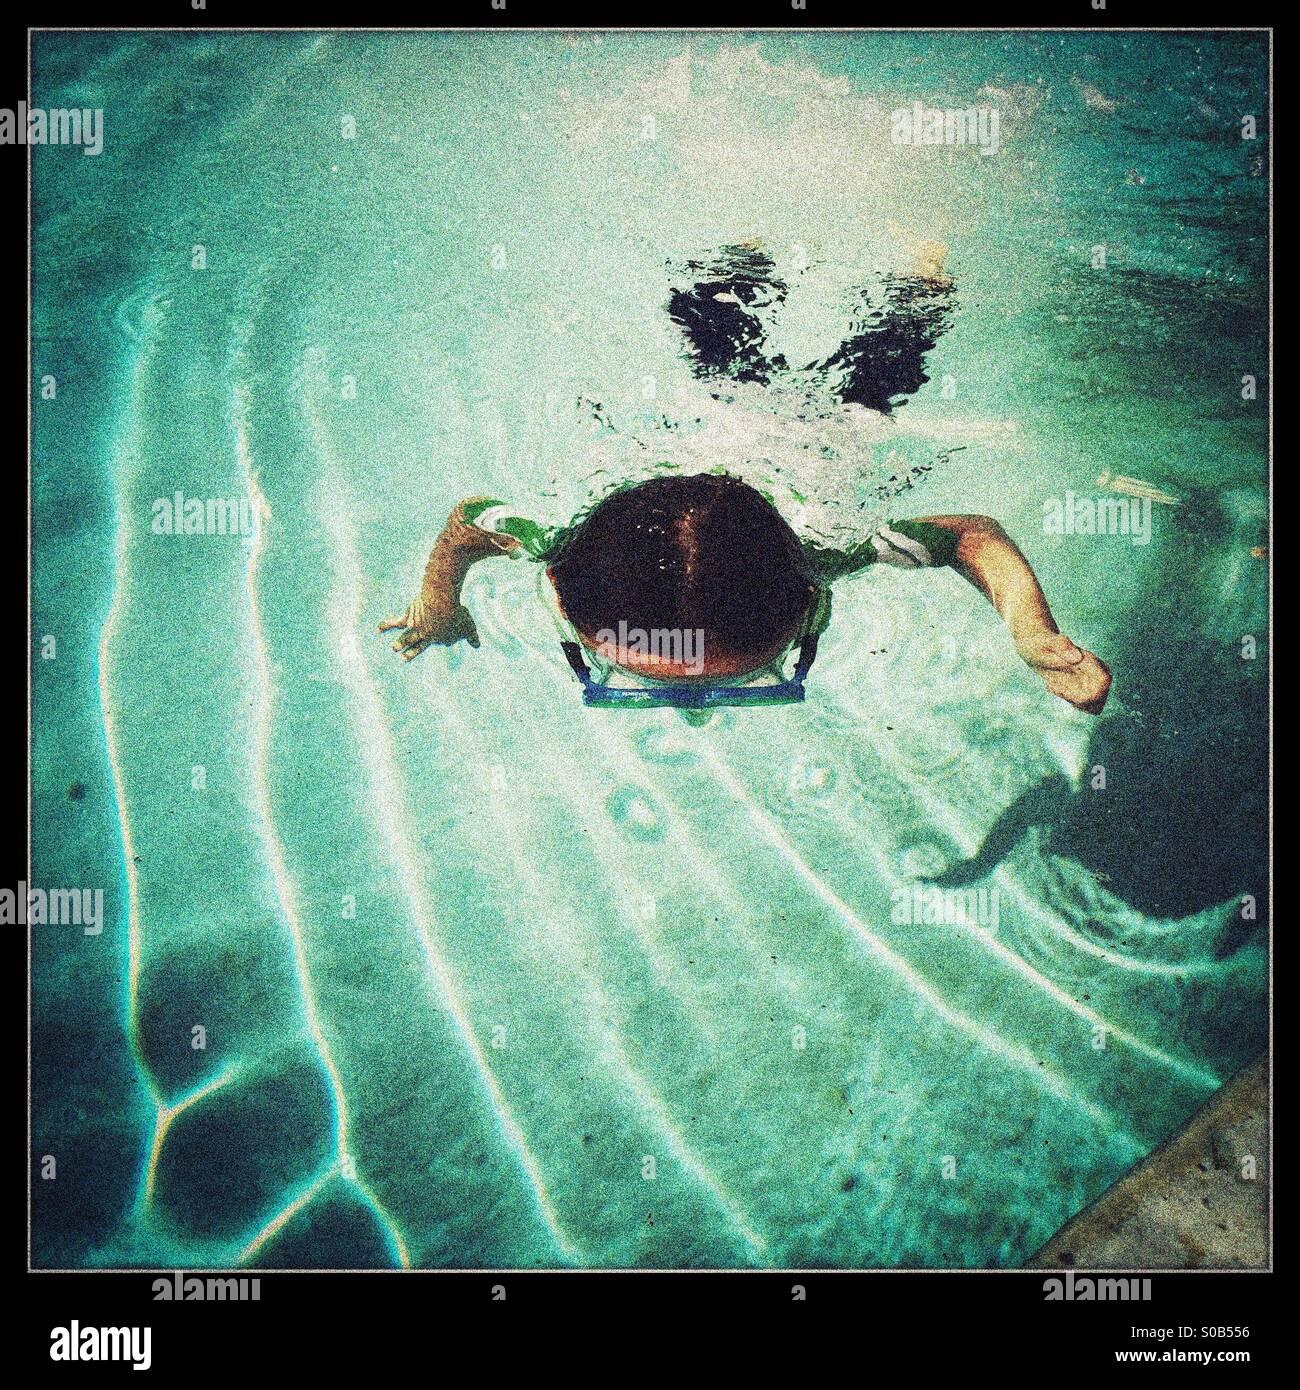 Swim immagini swim fotos stock alamy - Pinne per piscina ...